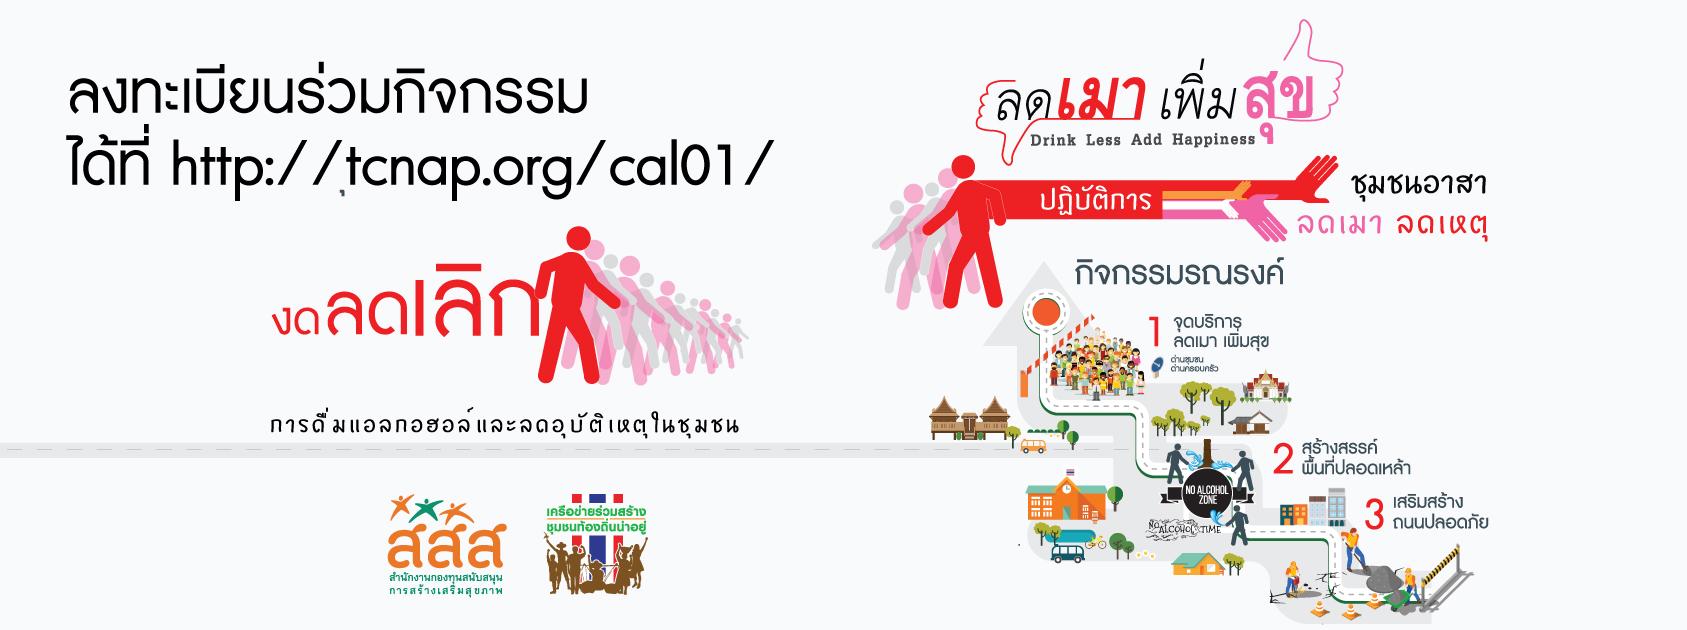 ขอเชิญชวนร่วมรณรงค์และสร้างการมีส่วนร่วมในชุมชนท้องถิ่นโดยการกำหนดมาตรการของชุมชน ๓ สร้าง